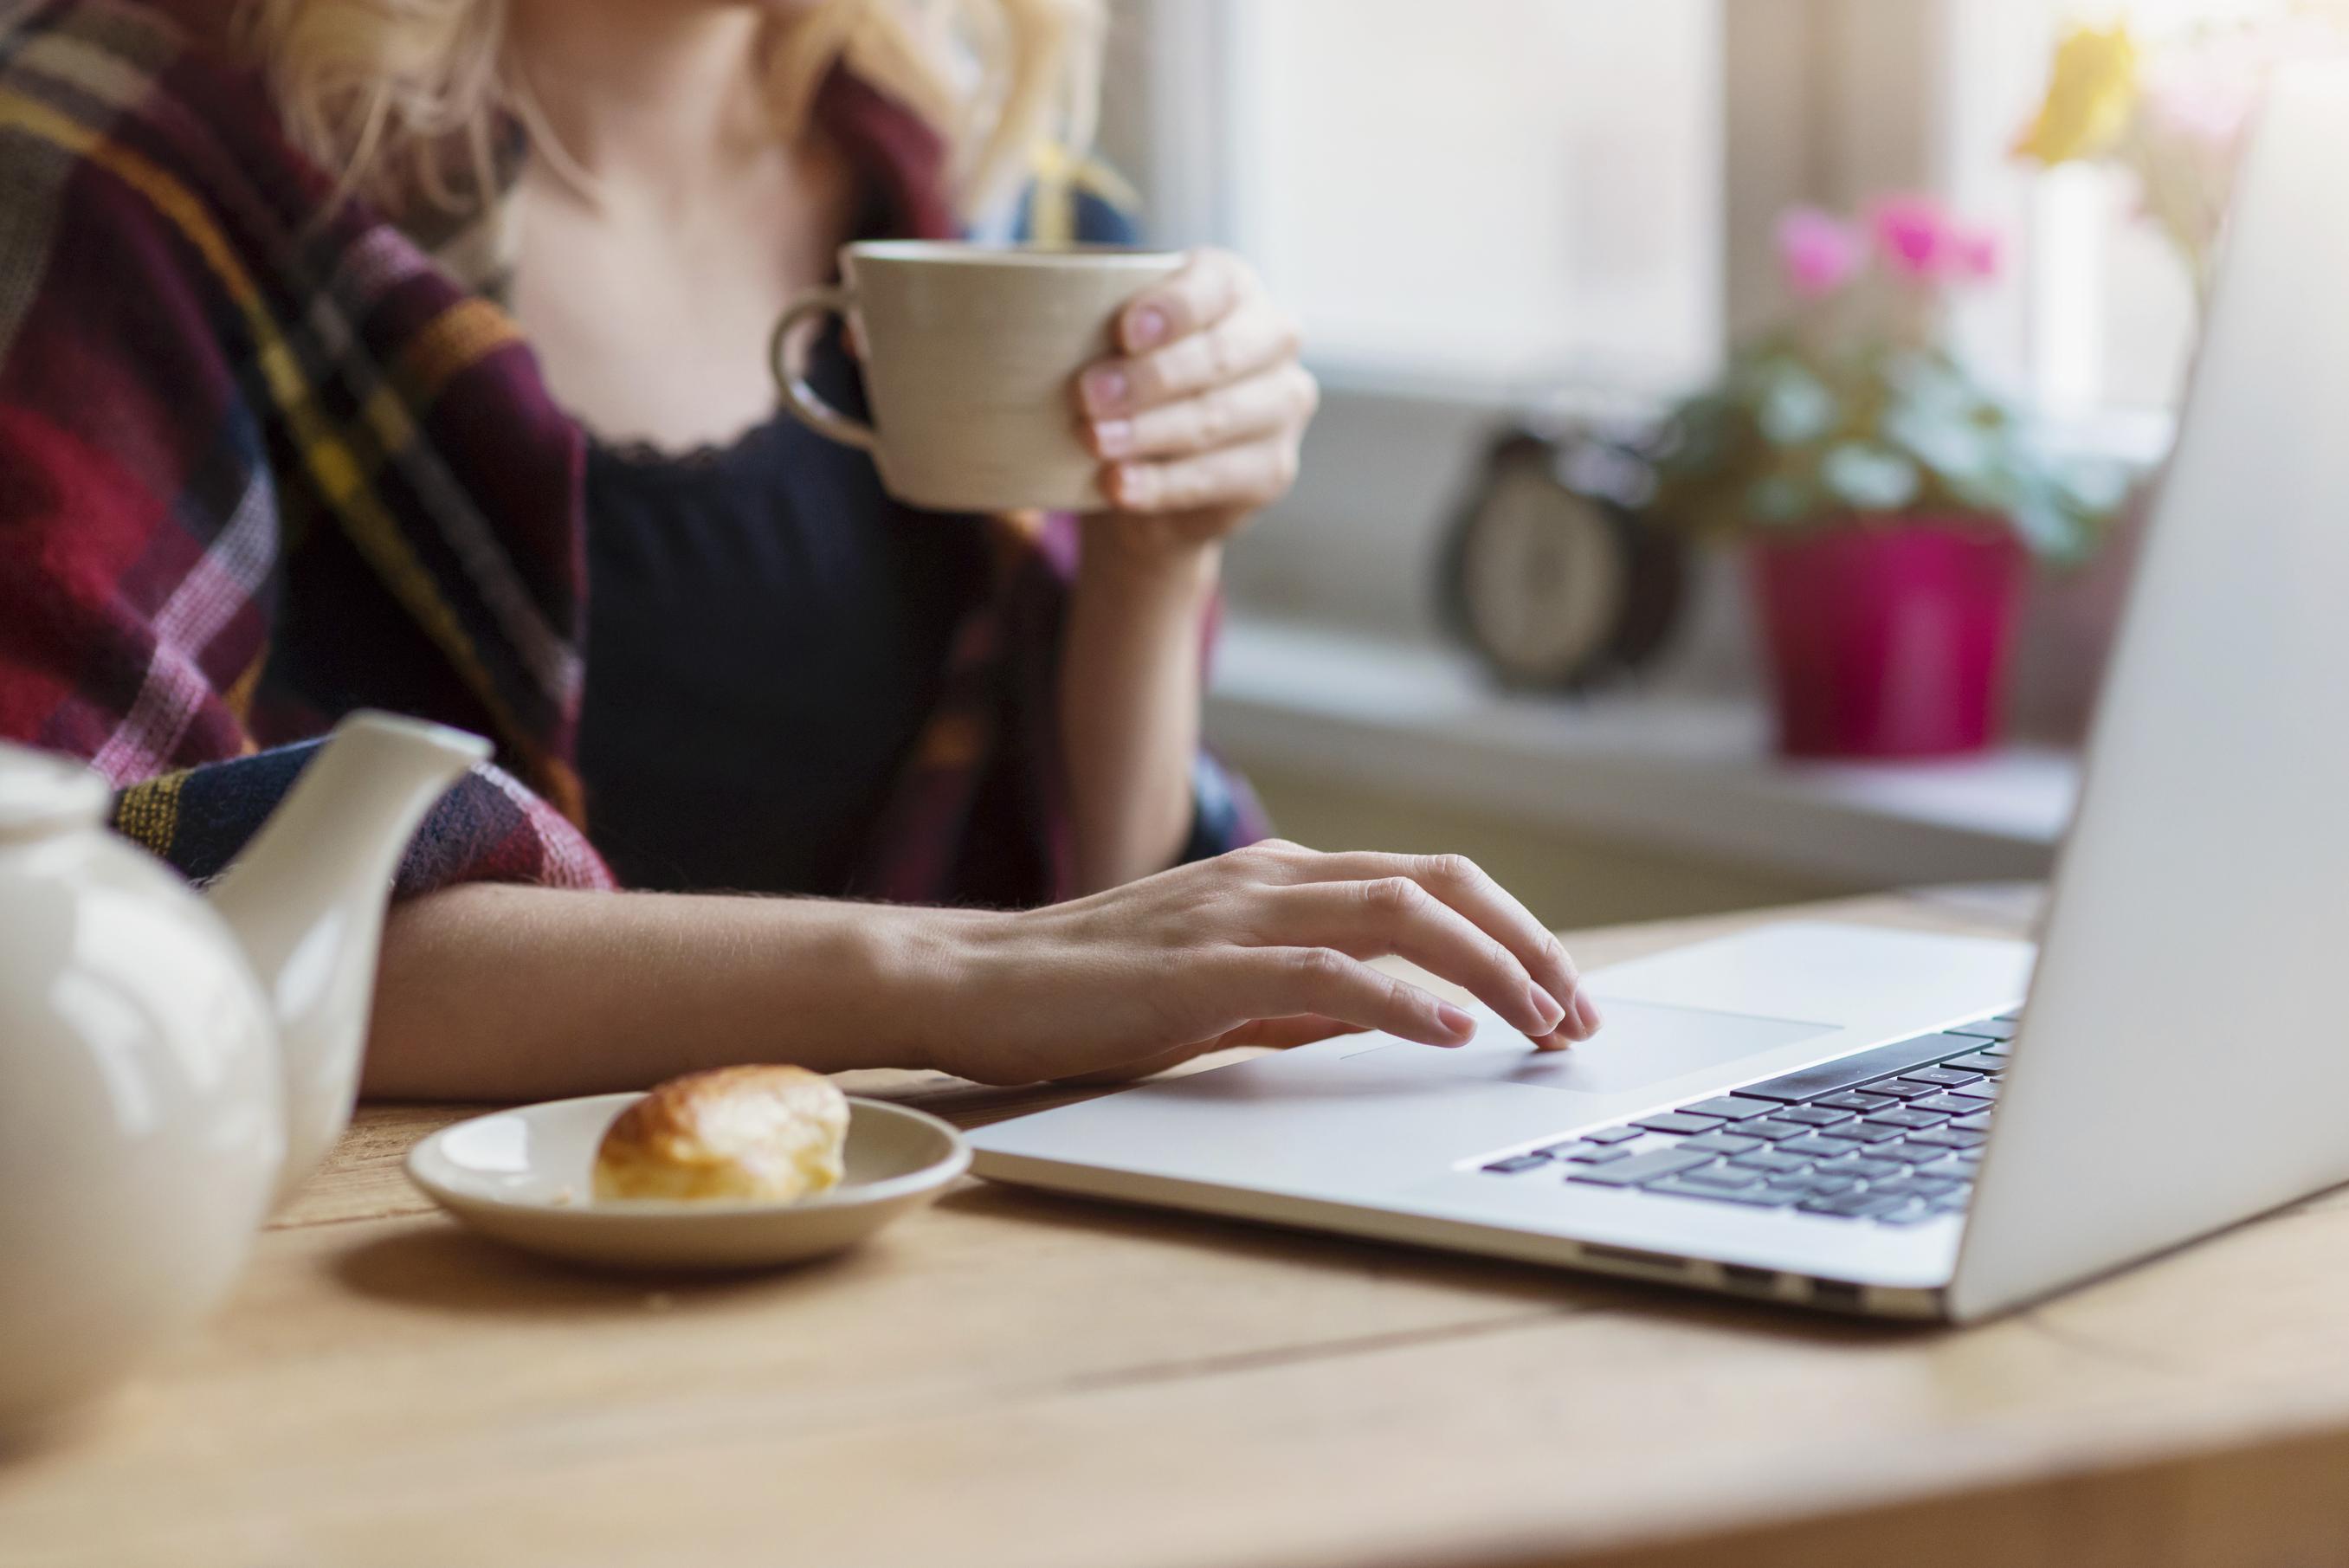 sites de rencontres en ligne gratuit au Royaume-Uni rencontres Guy incroyable rétrécisse ment boisé